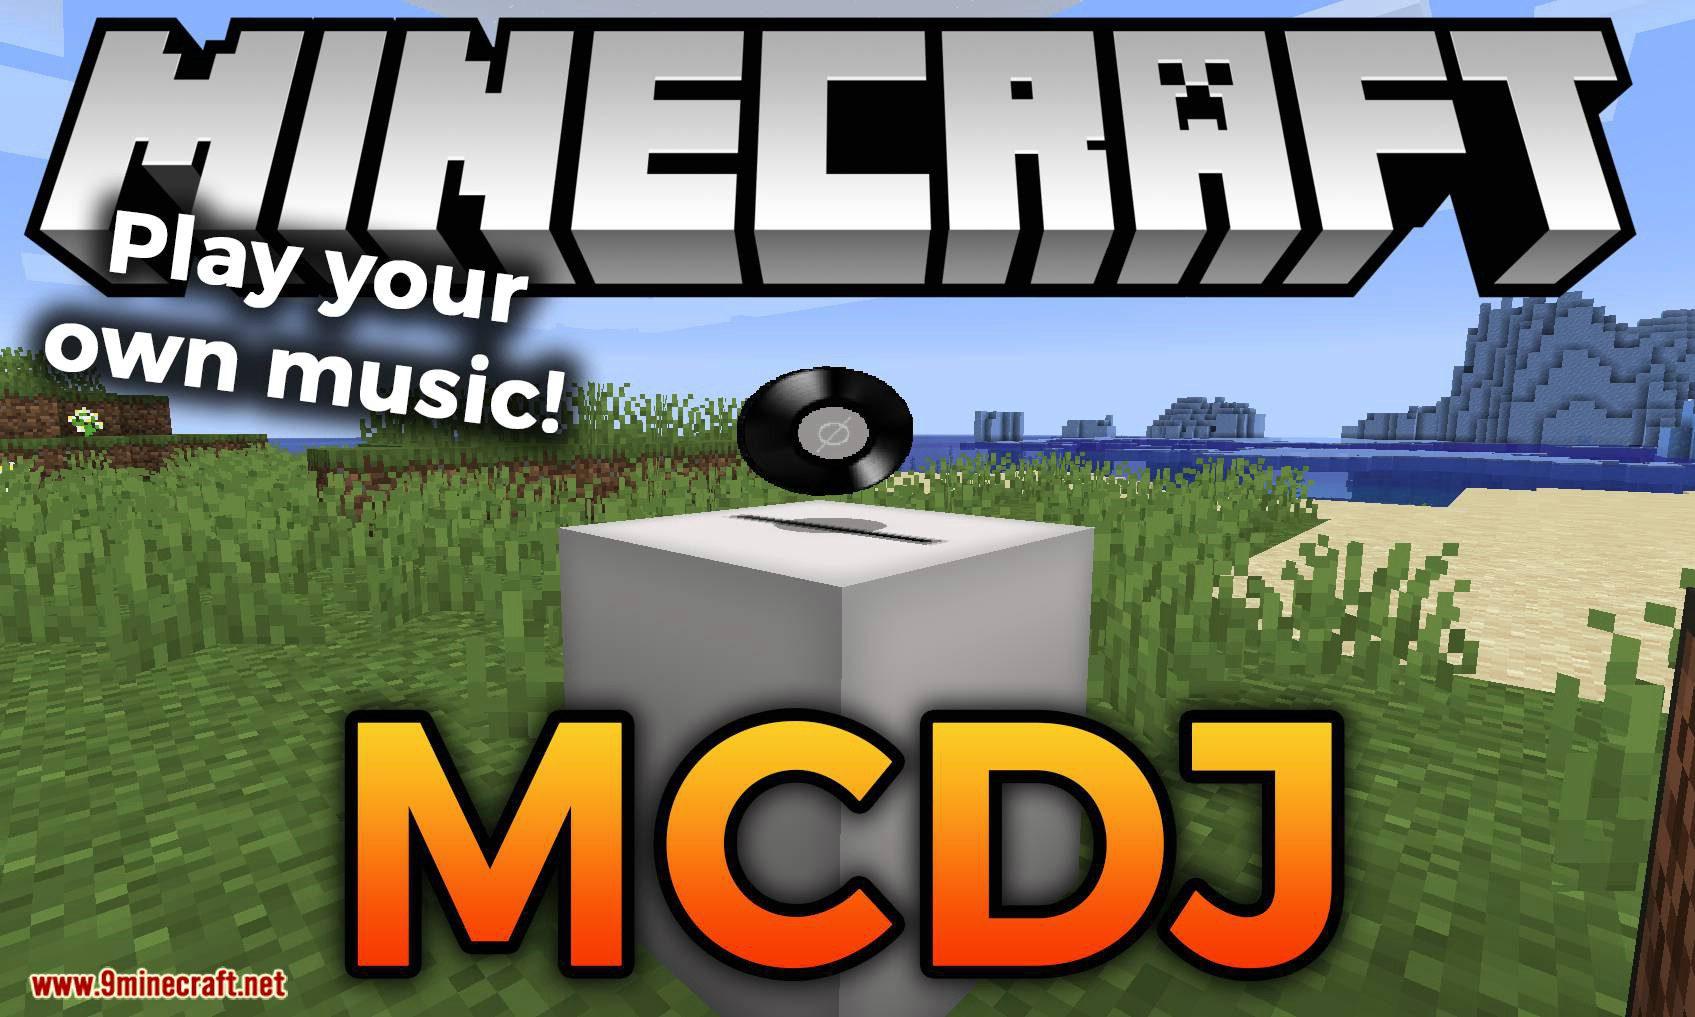 MCDJ mod for minecraft logo